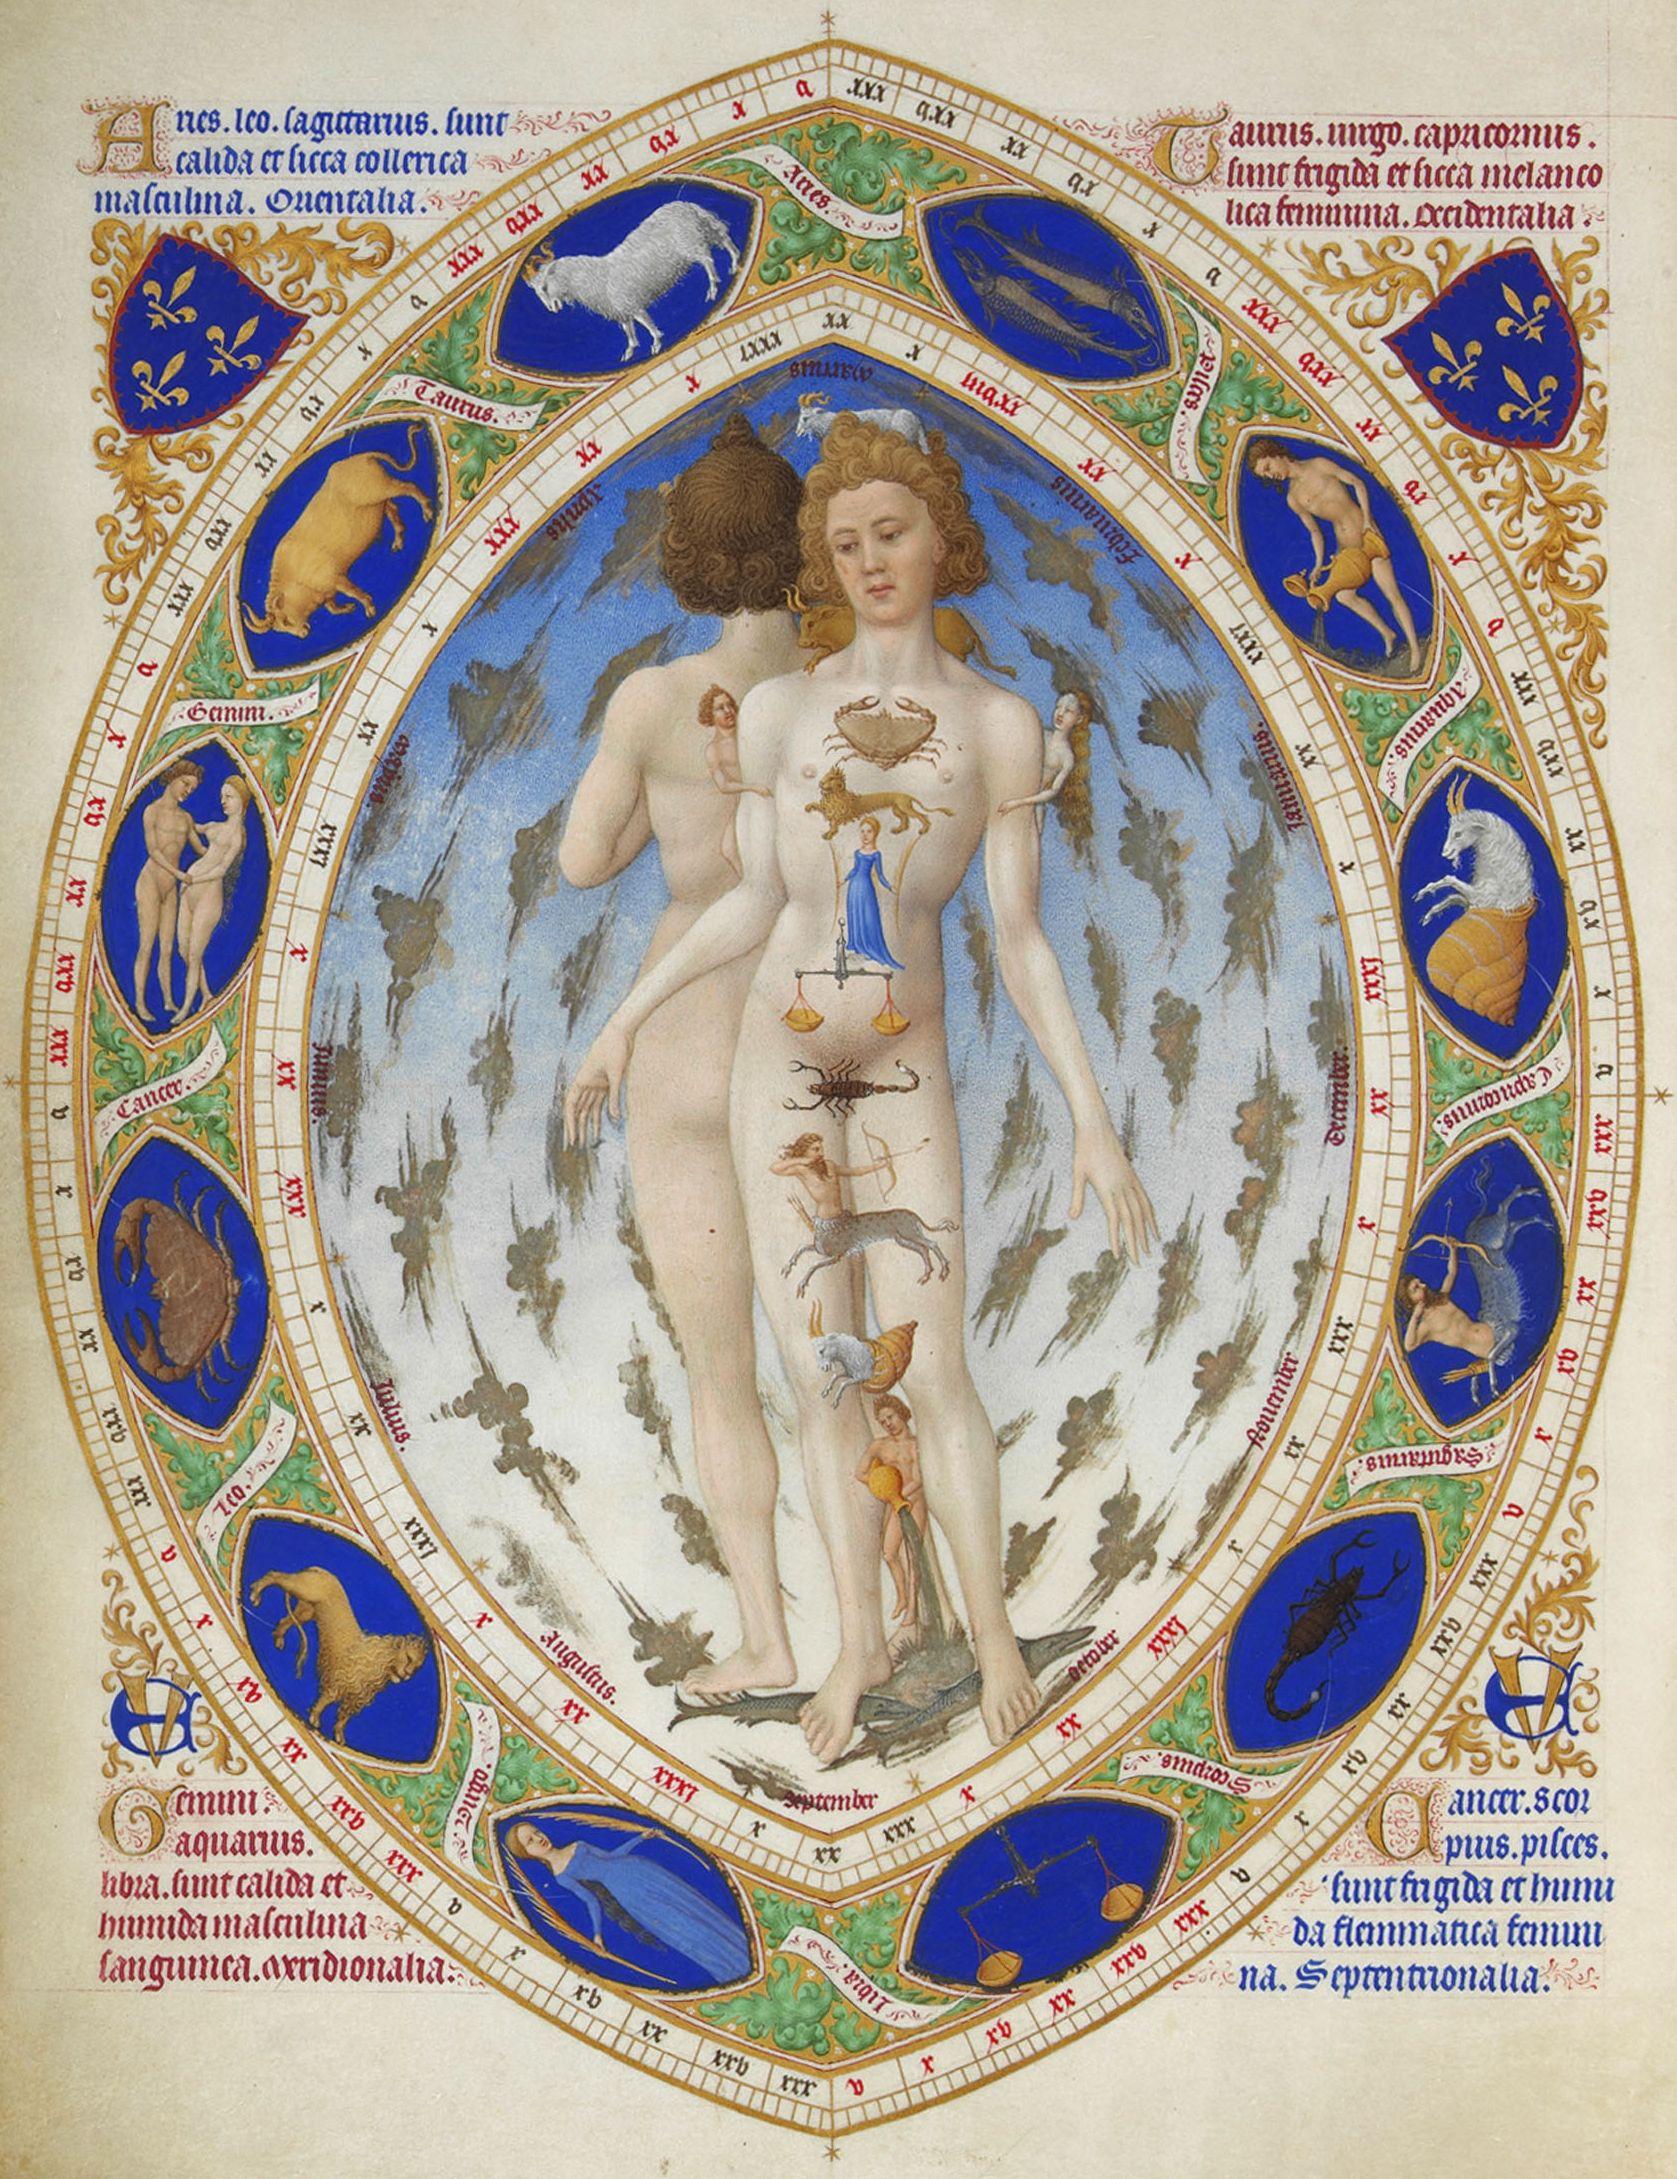 Иллюстрация из Часослова герцога Беррийского 15 века, отображающая связь знаков Зодиака с Гиппократовыми темпераментами в соответствии с �горячестью-холодностью� и �влажностью-сухостью� зодиакальных созвездий.